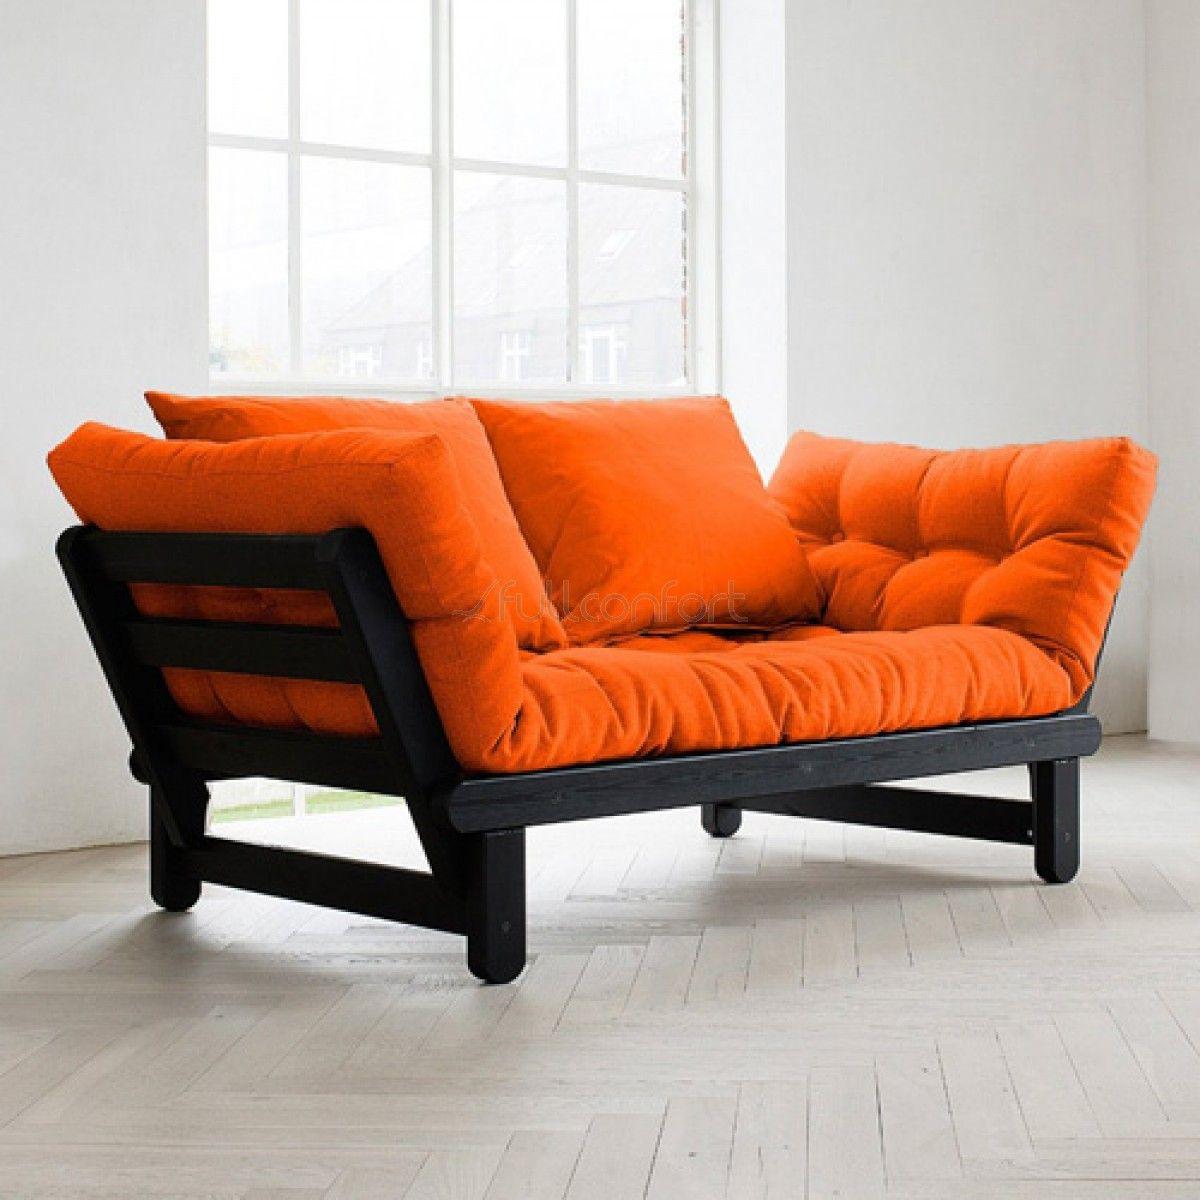 futon sillon convertible cherry futon sillon convertible cherry   lugares  recetas    pinterest      rh   pinterest